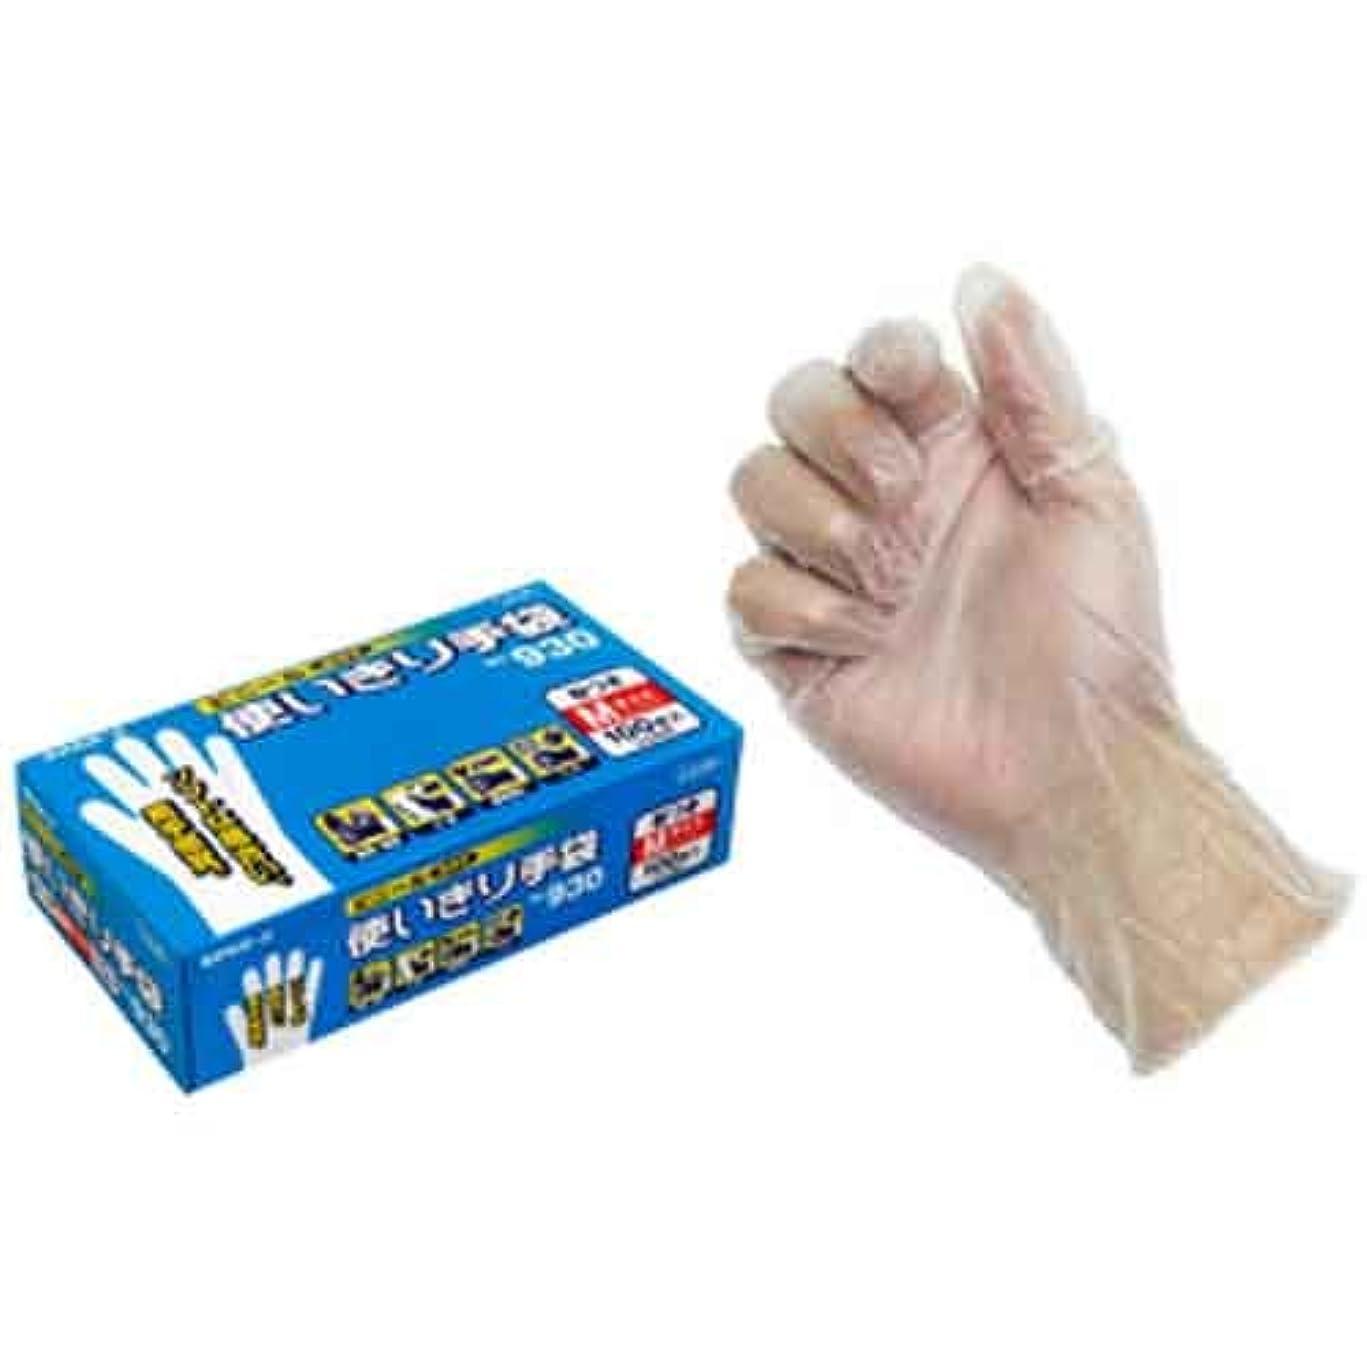 残るバーマド生息地ビニール使いきり手袋(粉付)100枚入(箱) 930 L